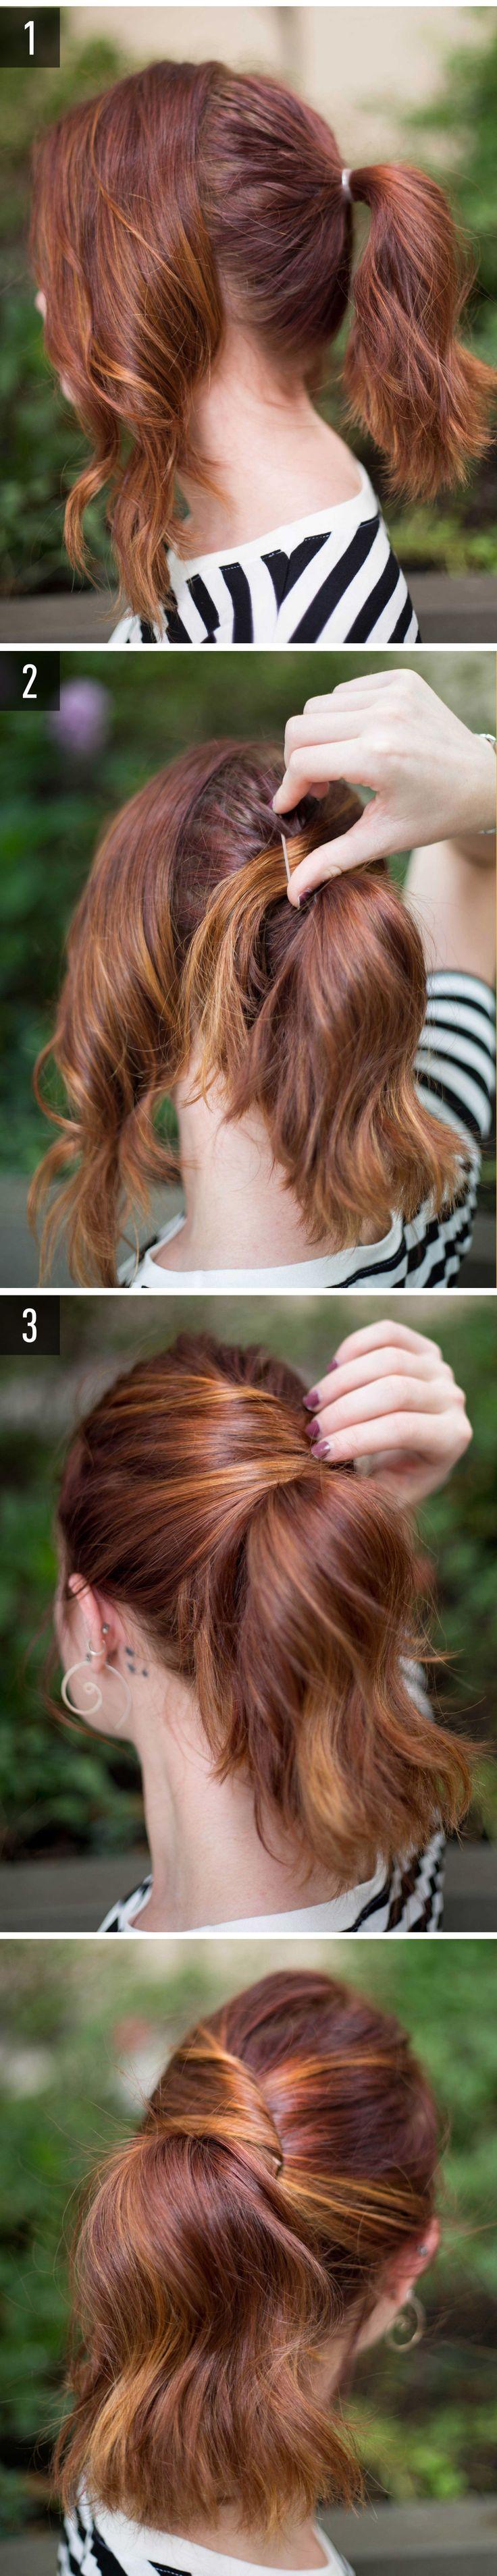 Snygga håruppsättningar passar lika bra till vardags som till fester och bröllop. Här hittar du 15 enkla guider till lätta och fina håruppsättningar som fungerar för både långt och lite kortare hår. Inspireras och lek fram en look som passar just dig.